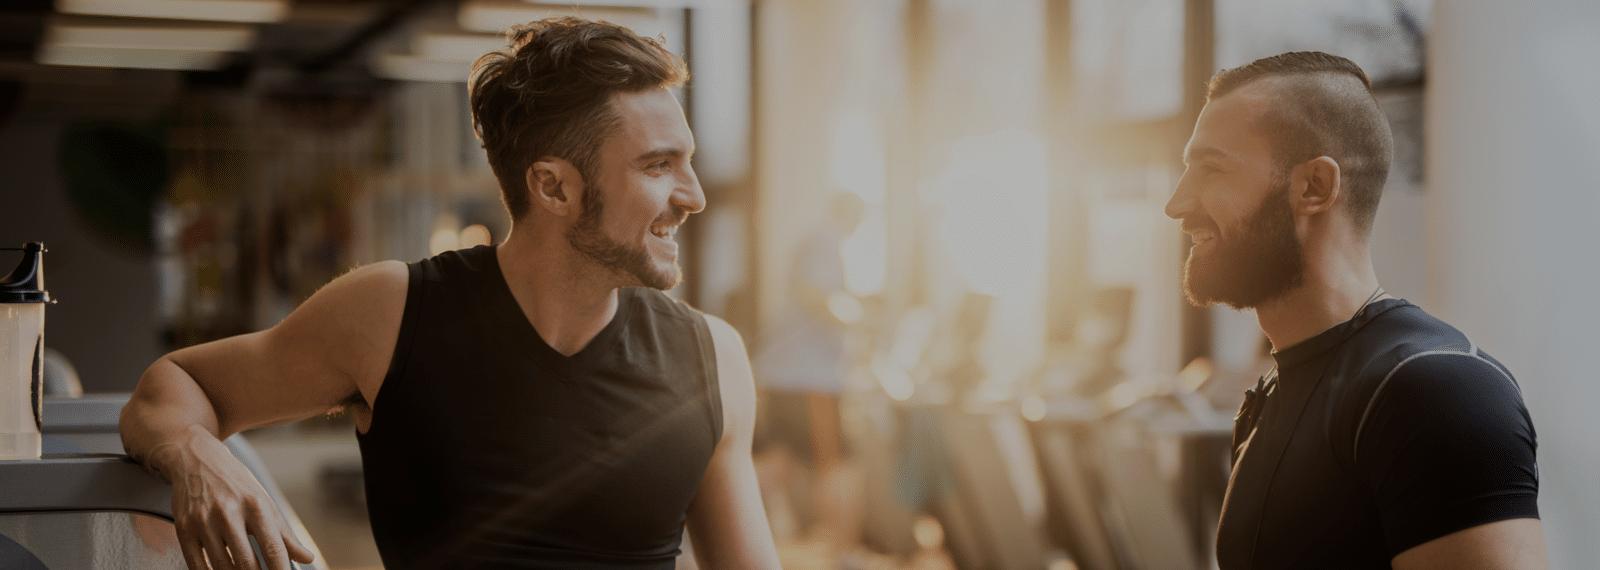 Zwei Männer unterhalten sich im Fitnessstudio